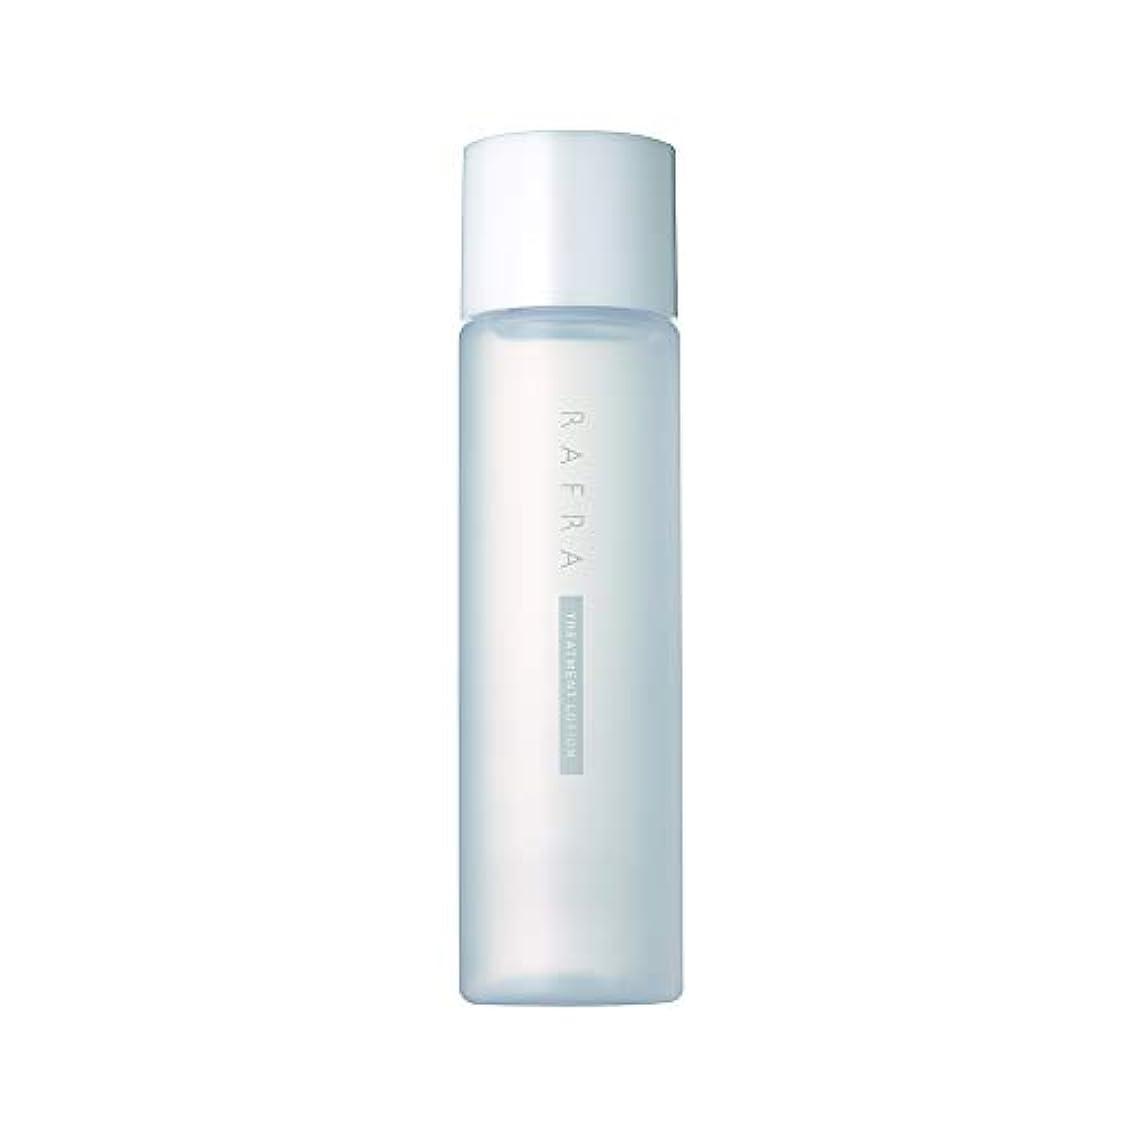 選択販売計画危機ラフラ トリートメントローション 150ml 化粧水 ブースター 導入液